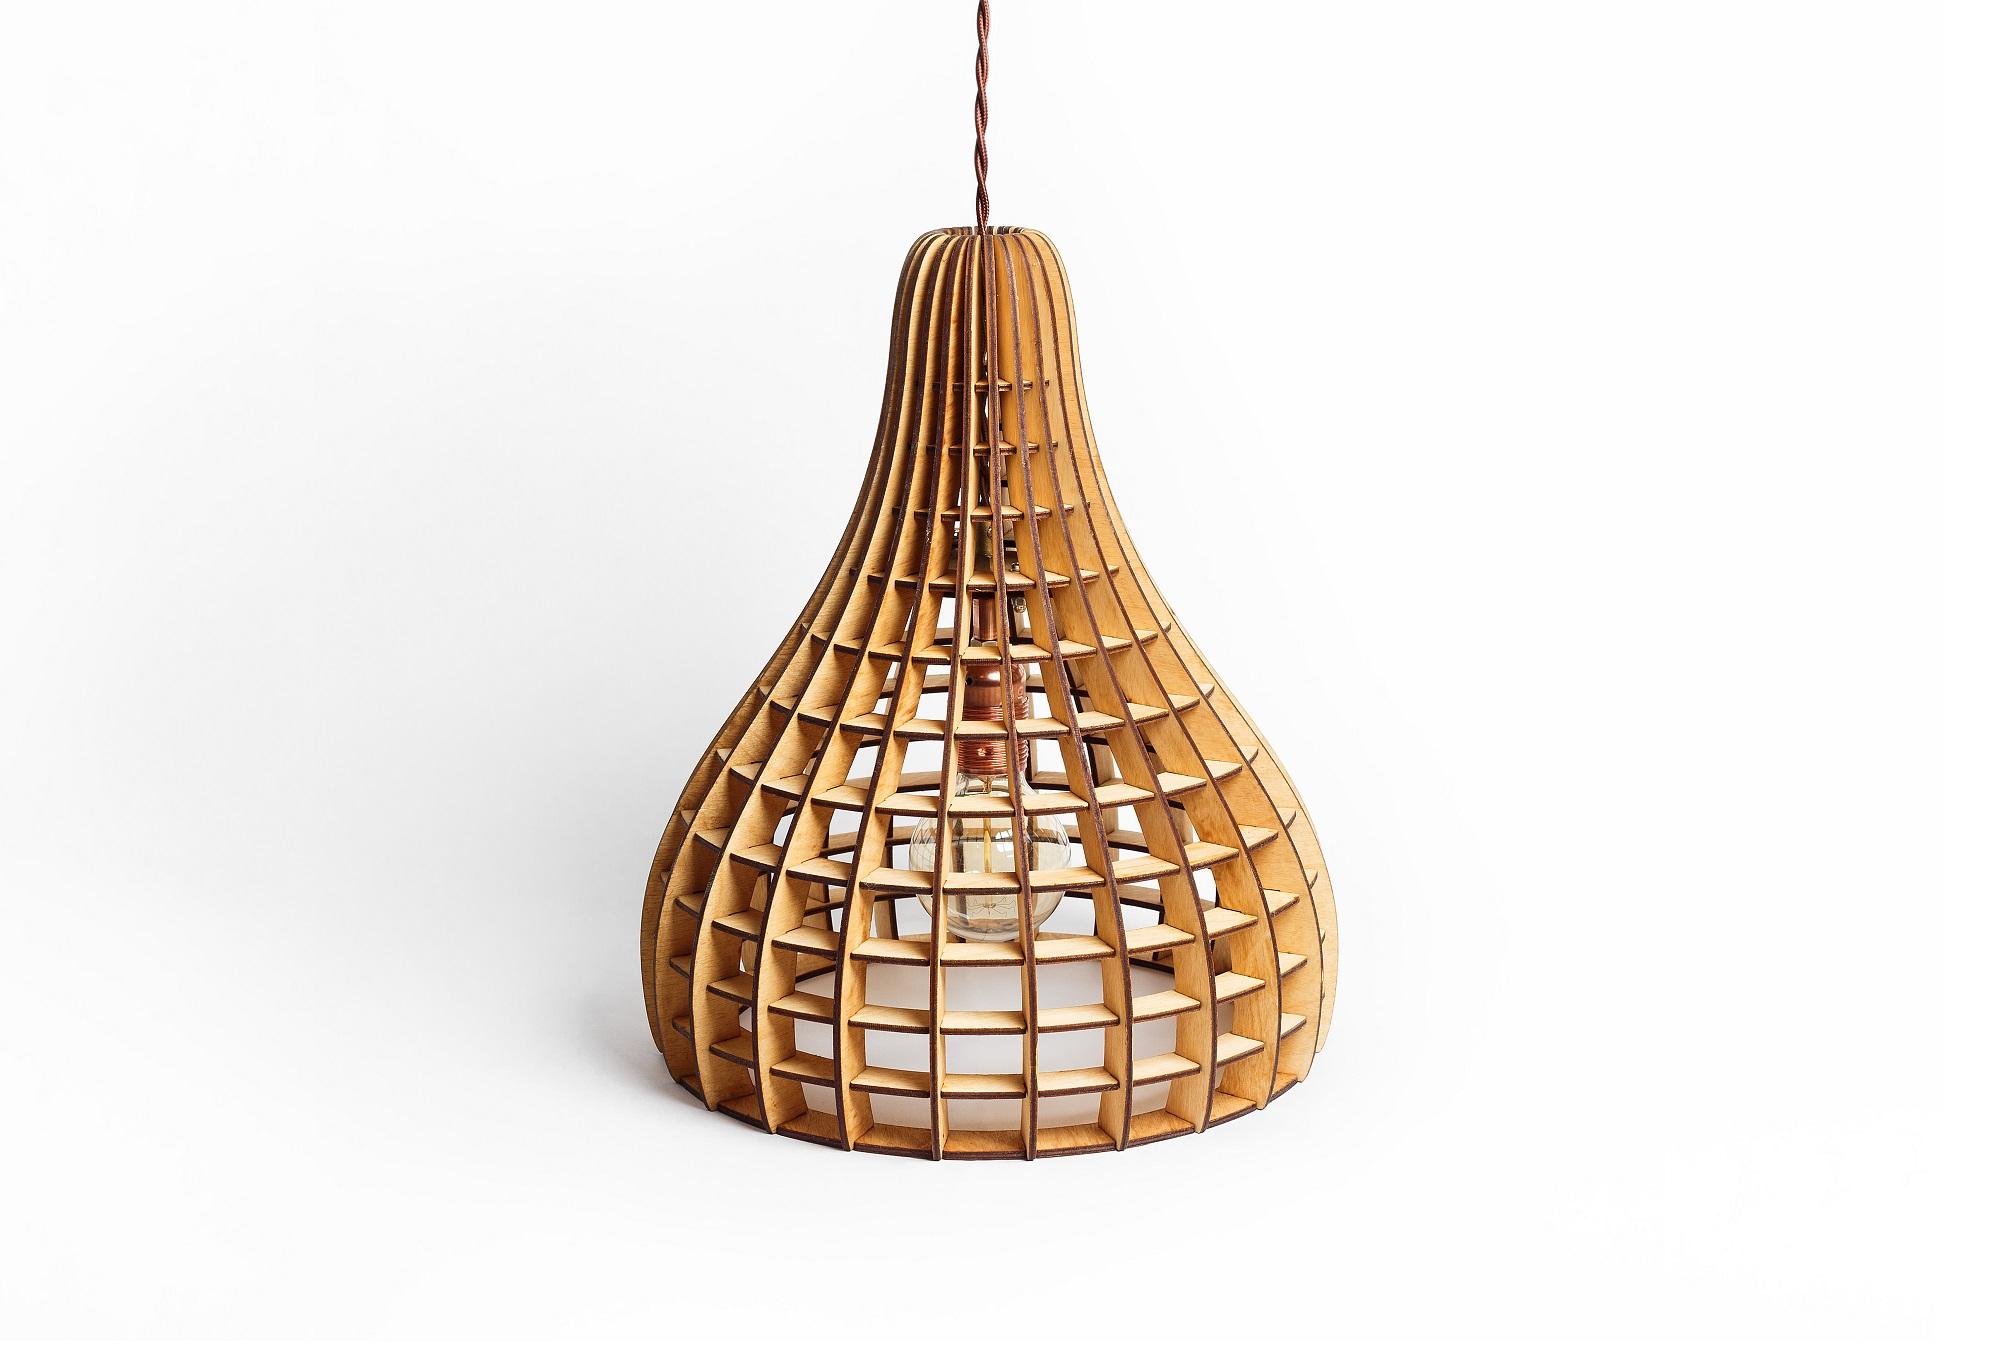 Деревянный светильник ВулканПодвесные светильники<br>Деревянная люстра в стиле Лофт. Возможно изготовление в двух цветах - натуральный ( покрытый лаком ) и темный ( мореный ) Поставляется в собранном виде.&amp;amp;nbsp;&amp;lt;div&amp;gt;&amp;lt;br&amp;gt;&amp;lt;/div&amp;gt;&amp;lt;div&amp;gt;&amp;lt;div&amp;gt;Вид цоколя: E27&amp;lt;/div&amp;gt;&amp;lt;div&amp;gt;Мощность: 60W&amp;lt;/div&amp;gt;&amp;lt;div&amp;gt;Количество ламп: 1 (нет в комплекте)&amp;lt;/div&amp;gt;&amp;lt;/div&amp;gt;<br><br>Material: Дерево<br>Высота см: 40